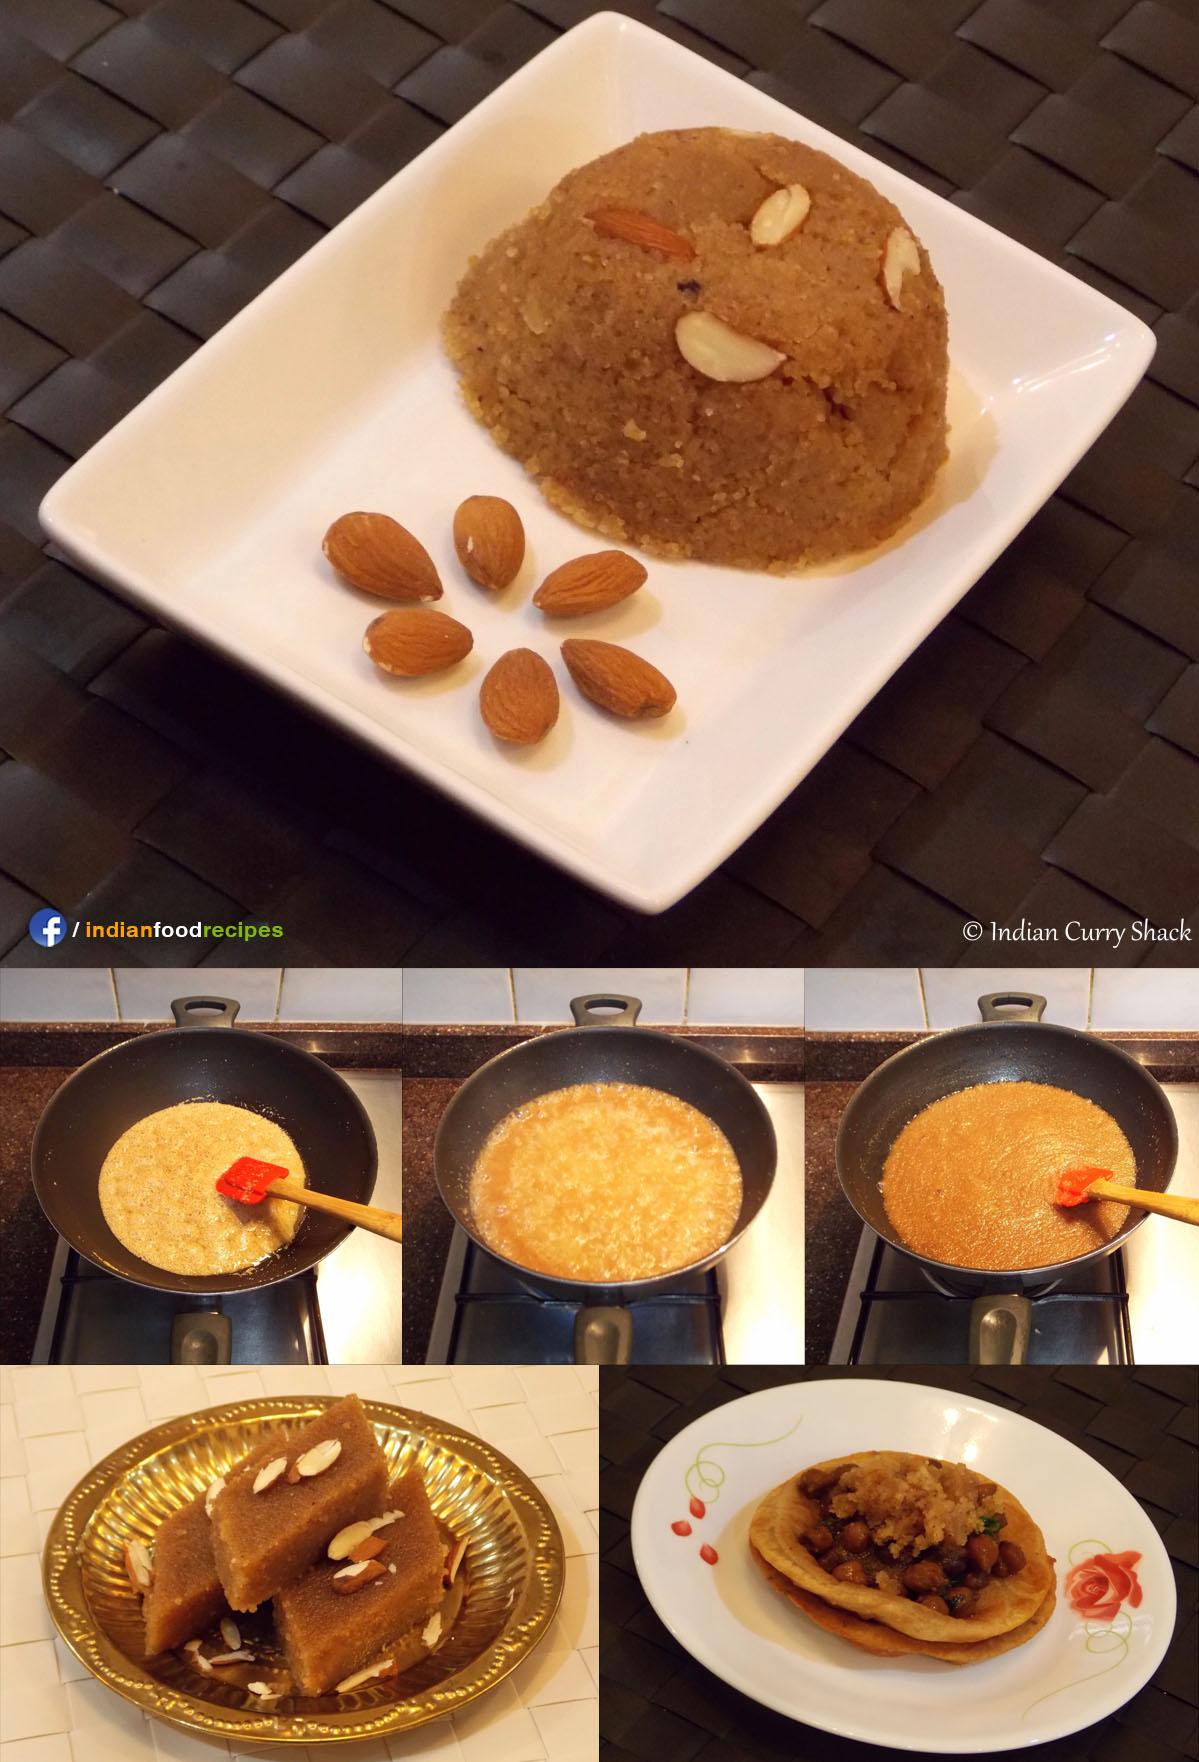 Sooji Ka Halwa recipe step by step